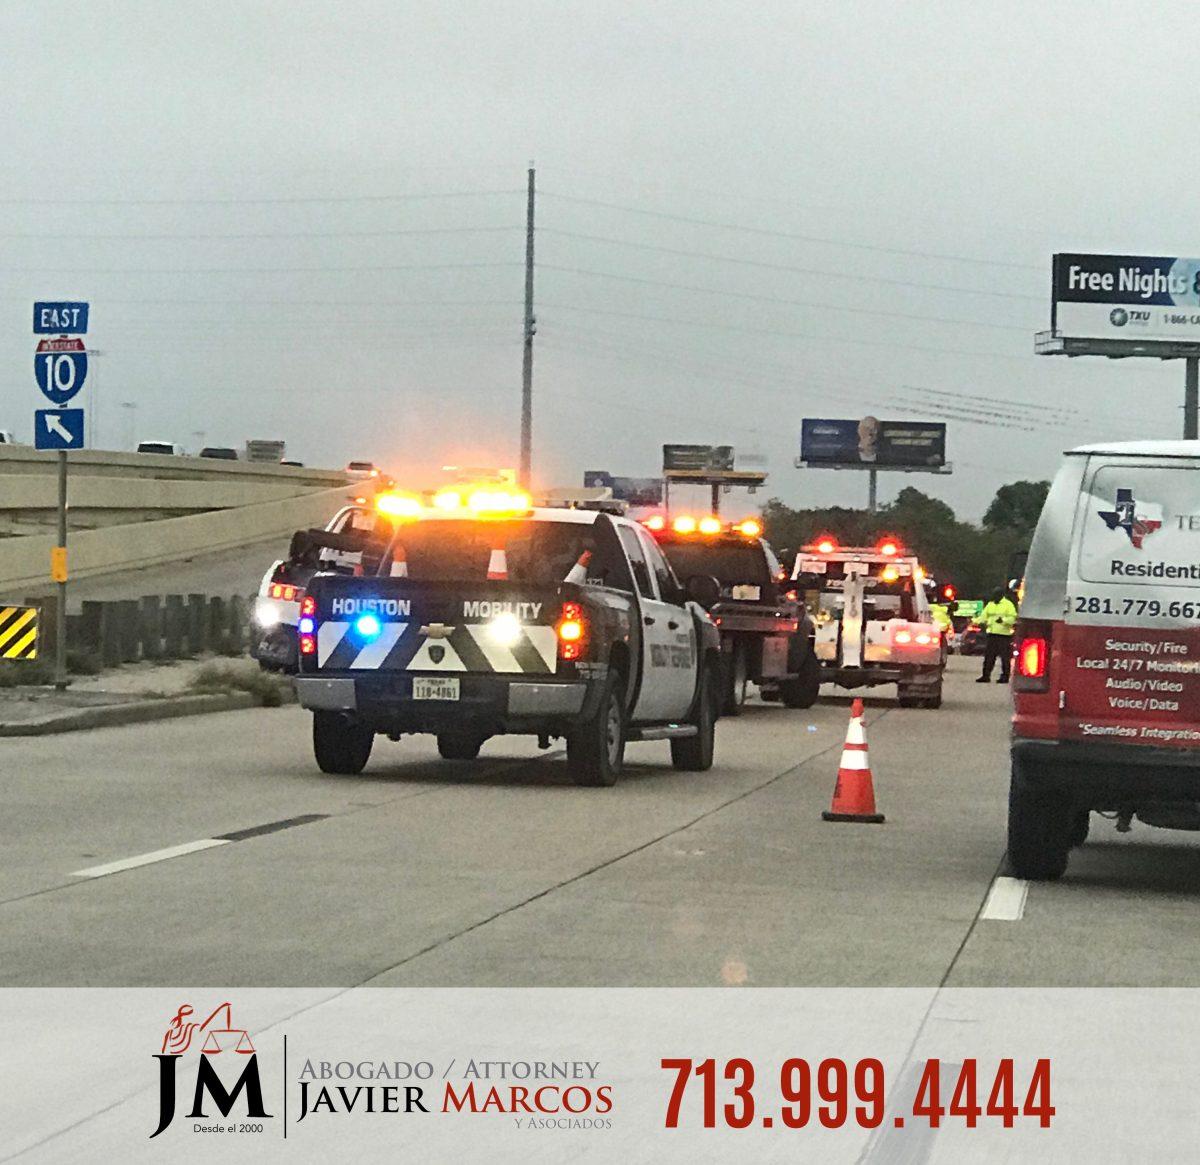 Trailer accident attorney | Attorney Javier Marcos | 713.999.4444